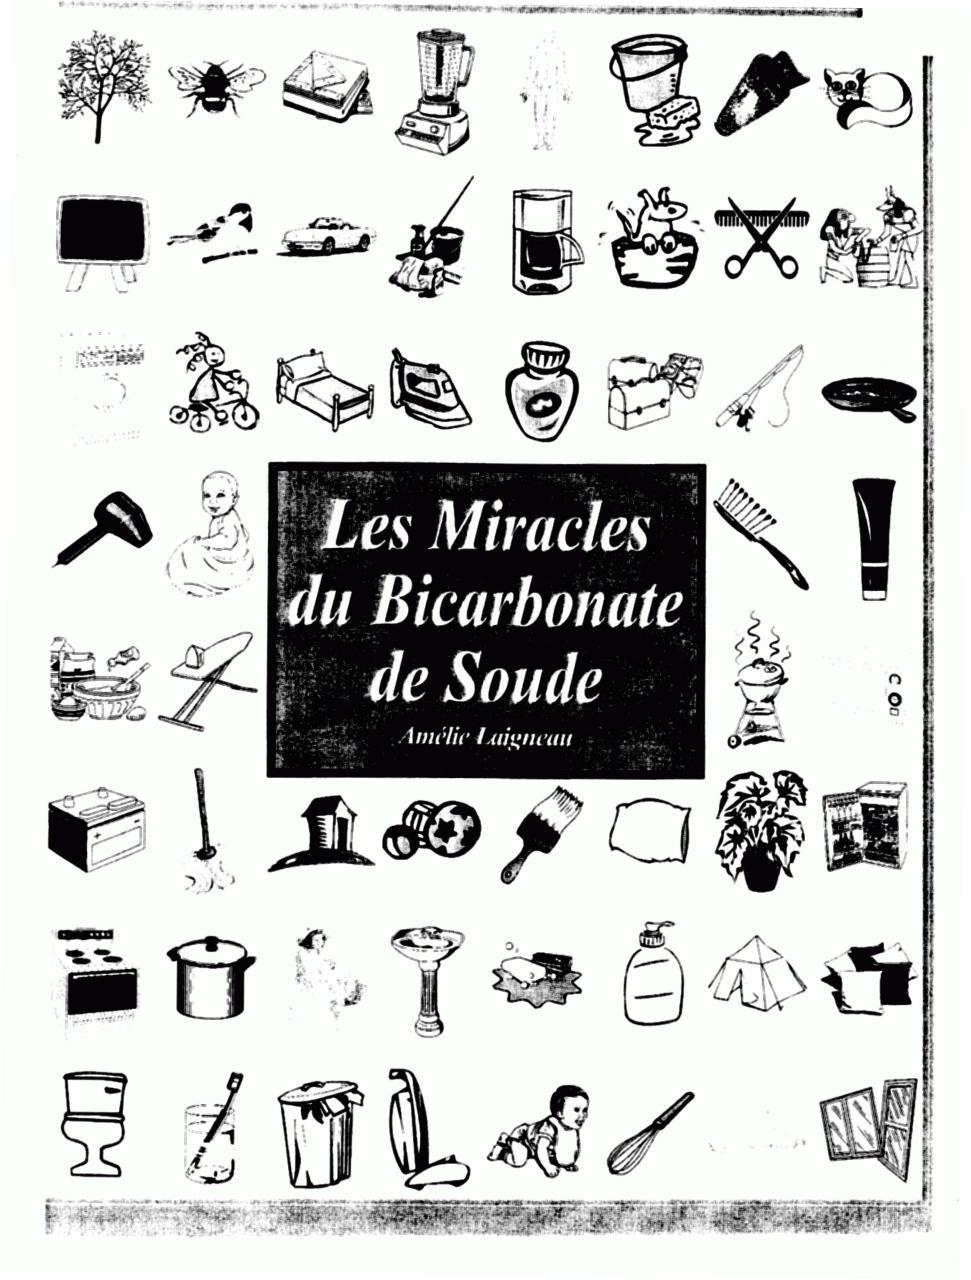 les miracles du bicarbonate de soude par laigneau am lie laigneau amc3a9lie les miracles du. Black Bedroom Furniture Sets. Home Design Ideas